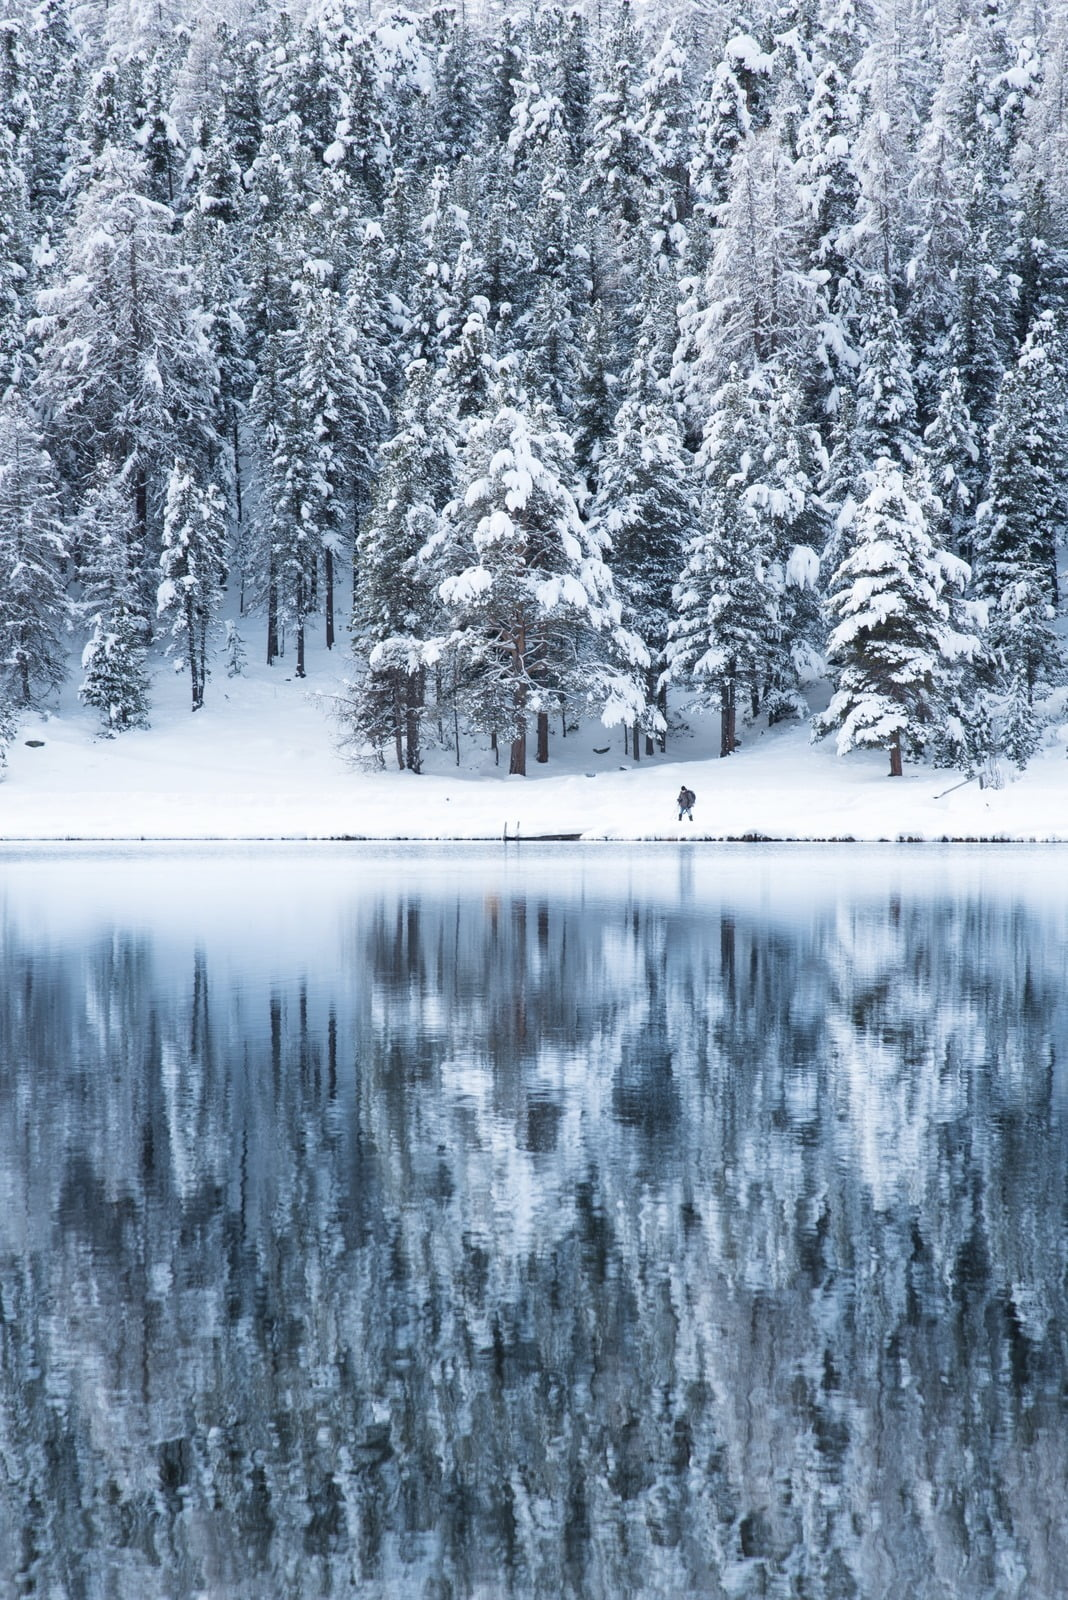 Lake Staz near St. Moritz